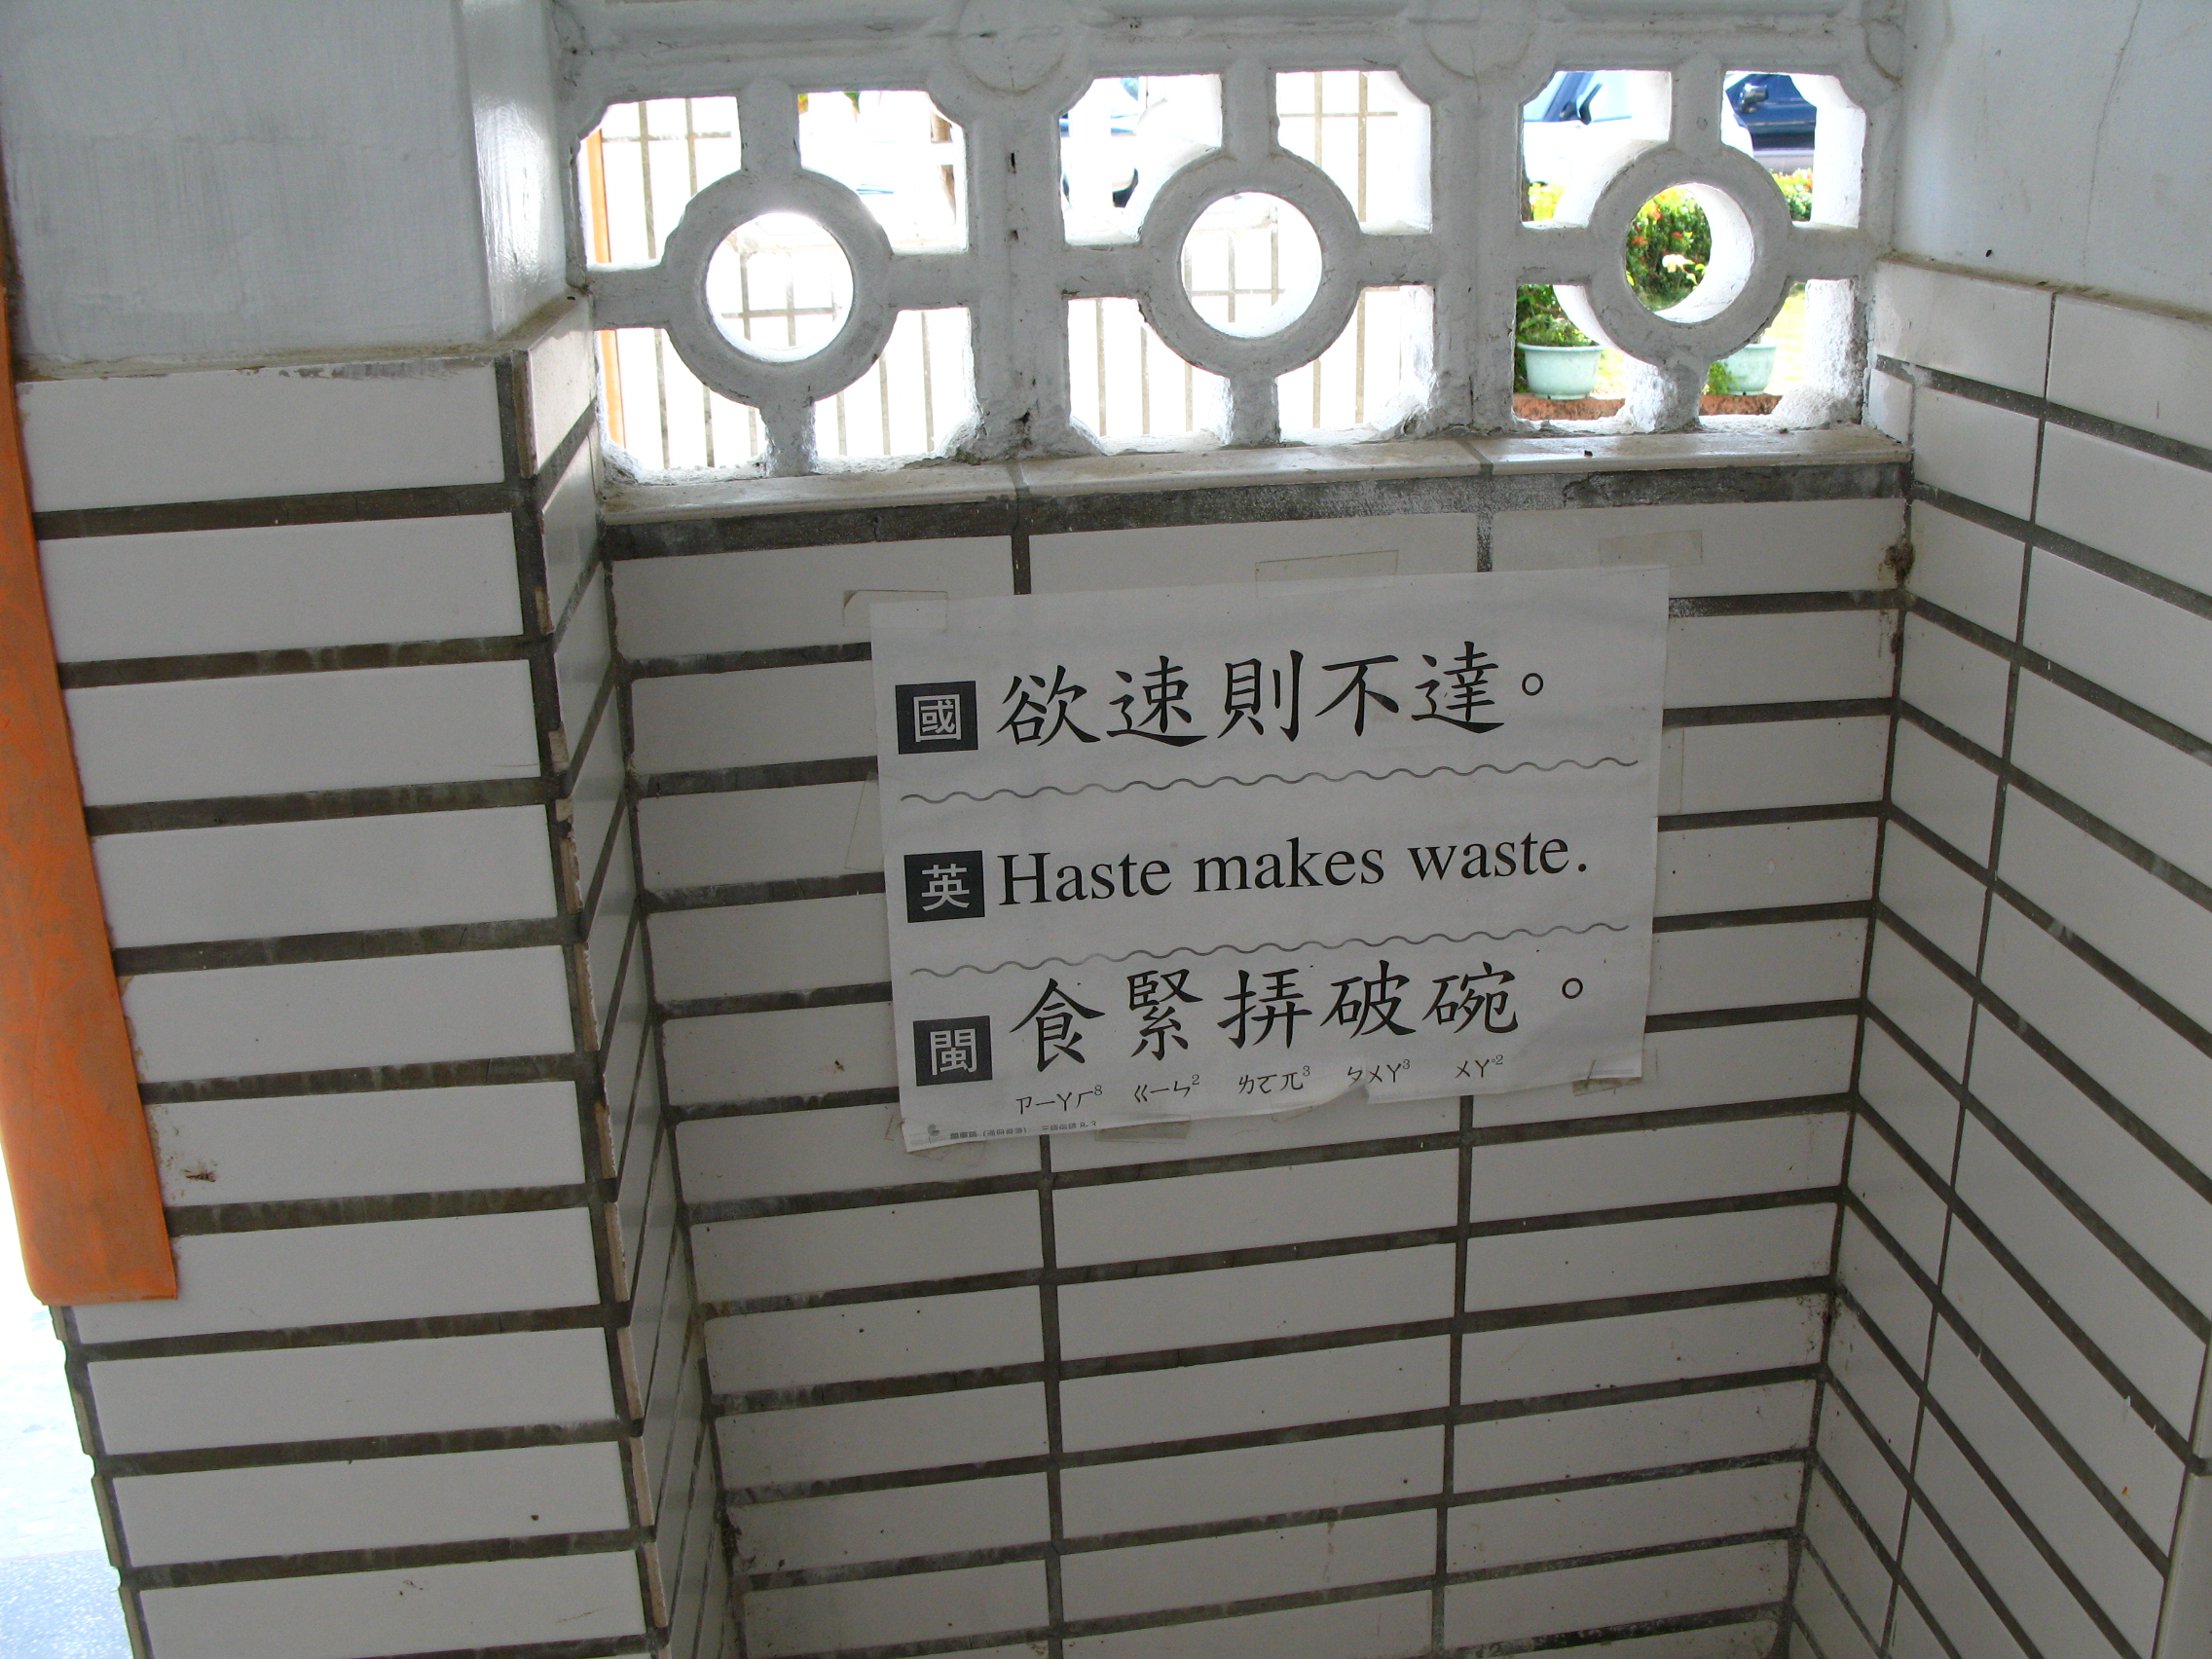 Haste Makes Waste